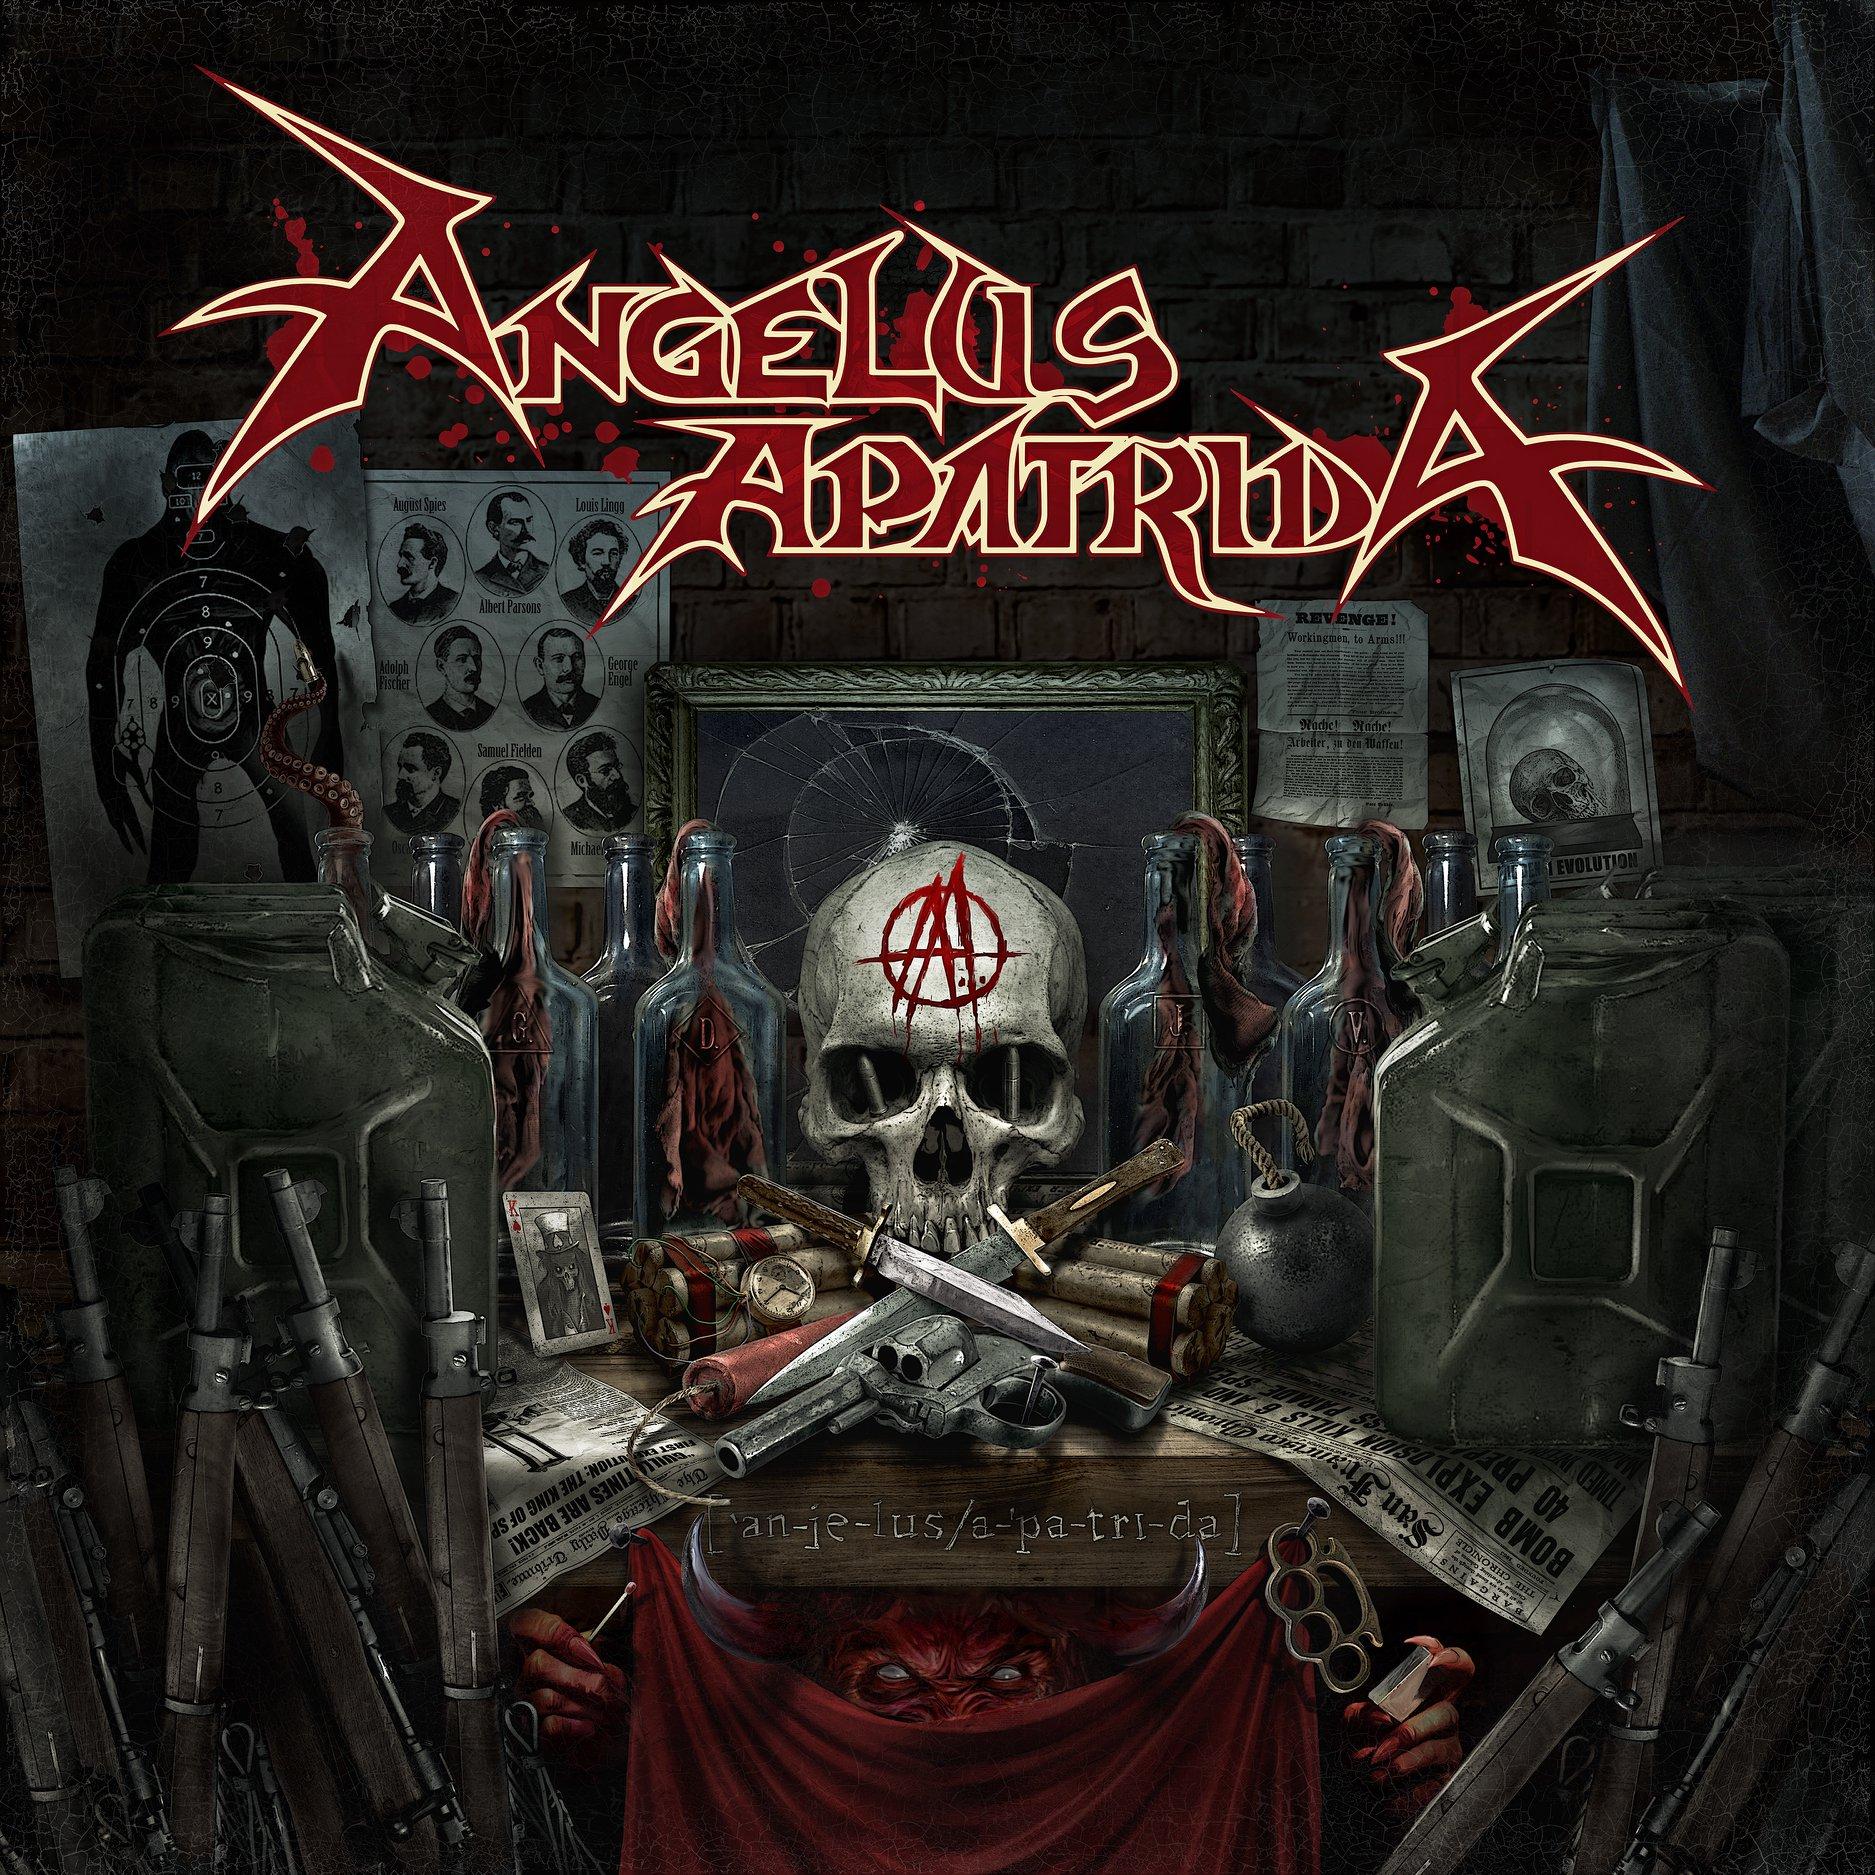 Αποτέλεσμα εικόνας για Angelus Apatrida - Angelus Apatrida